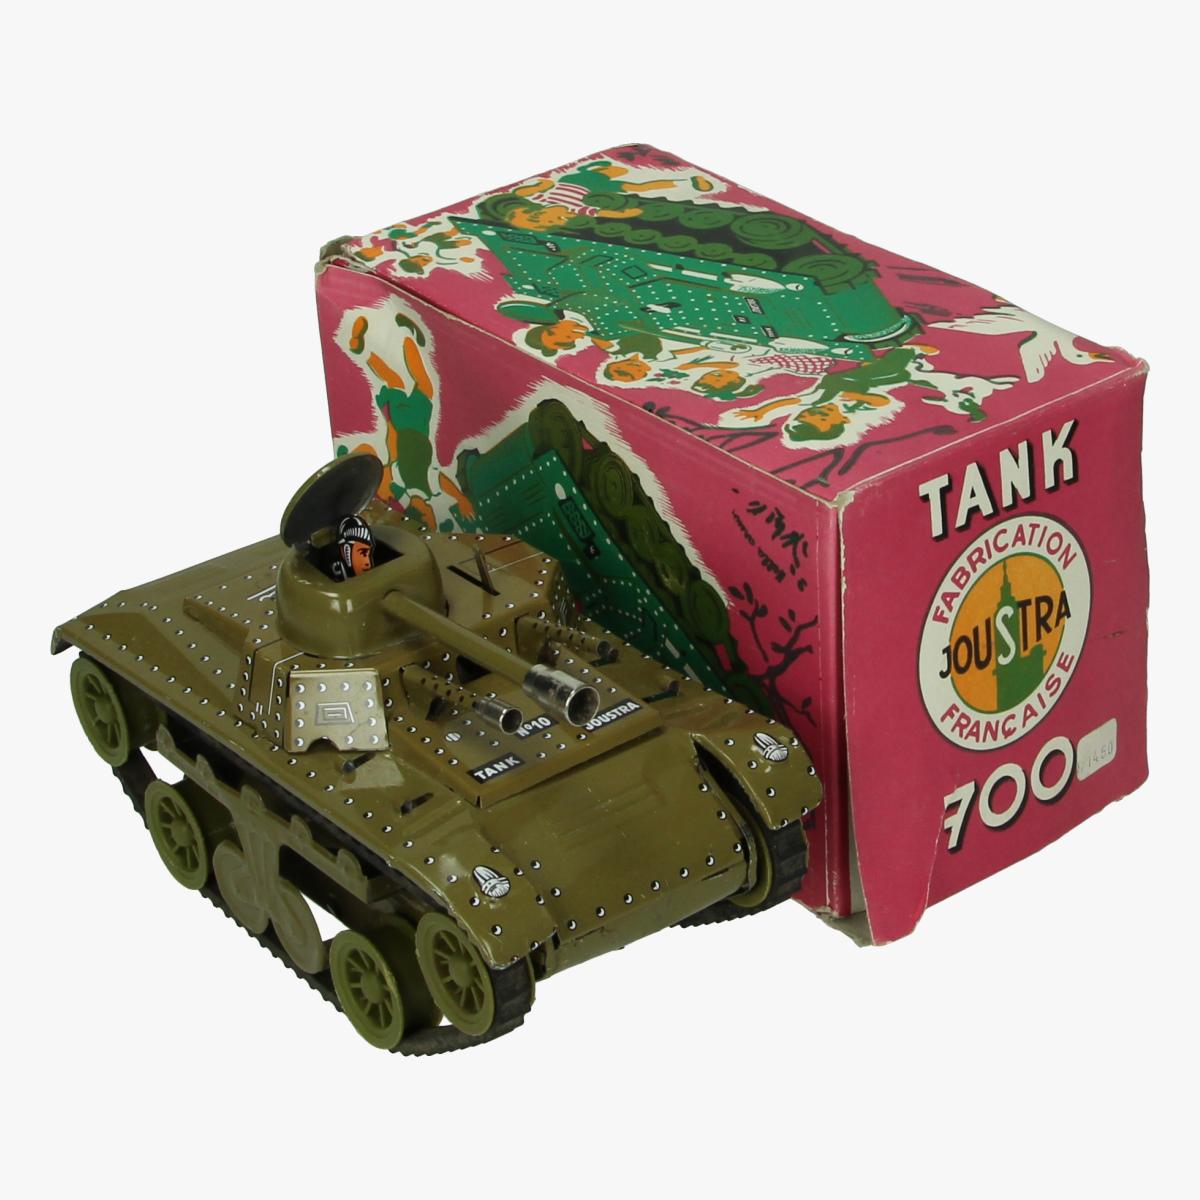 Afbeeldingen van Joustra Tank 700 blik